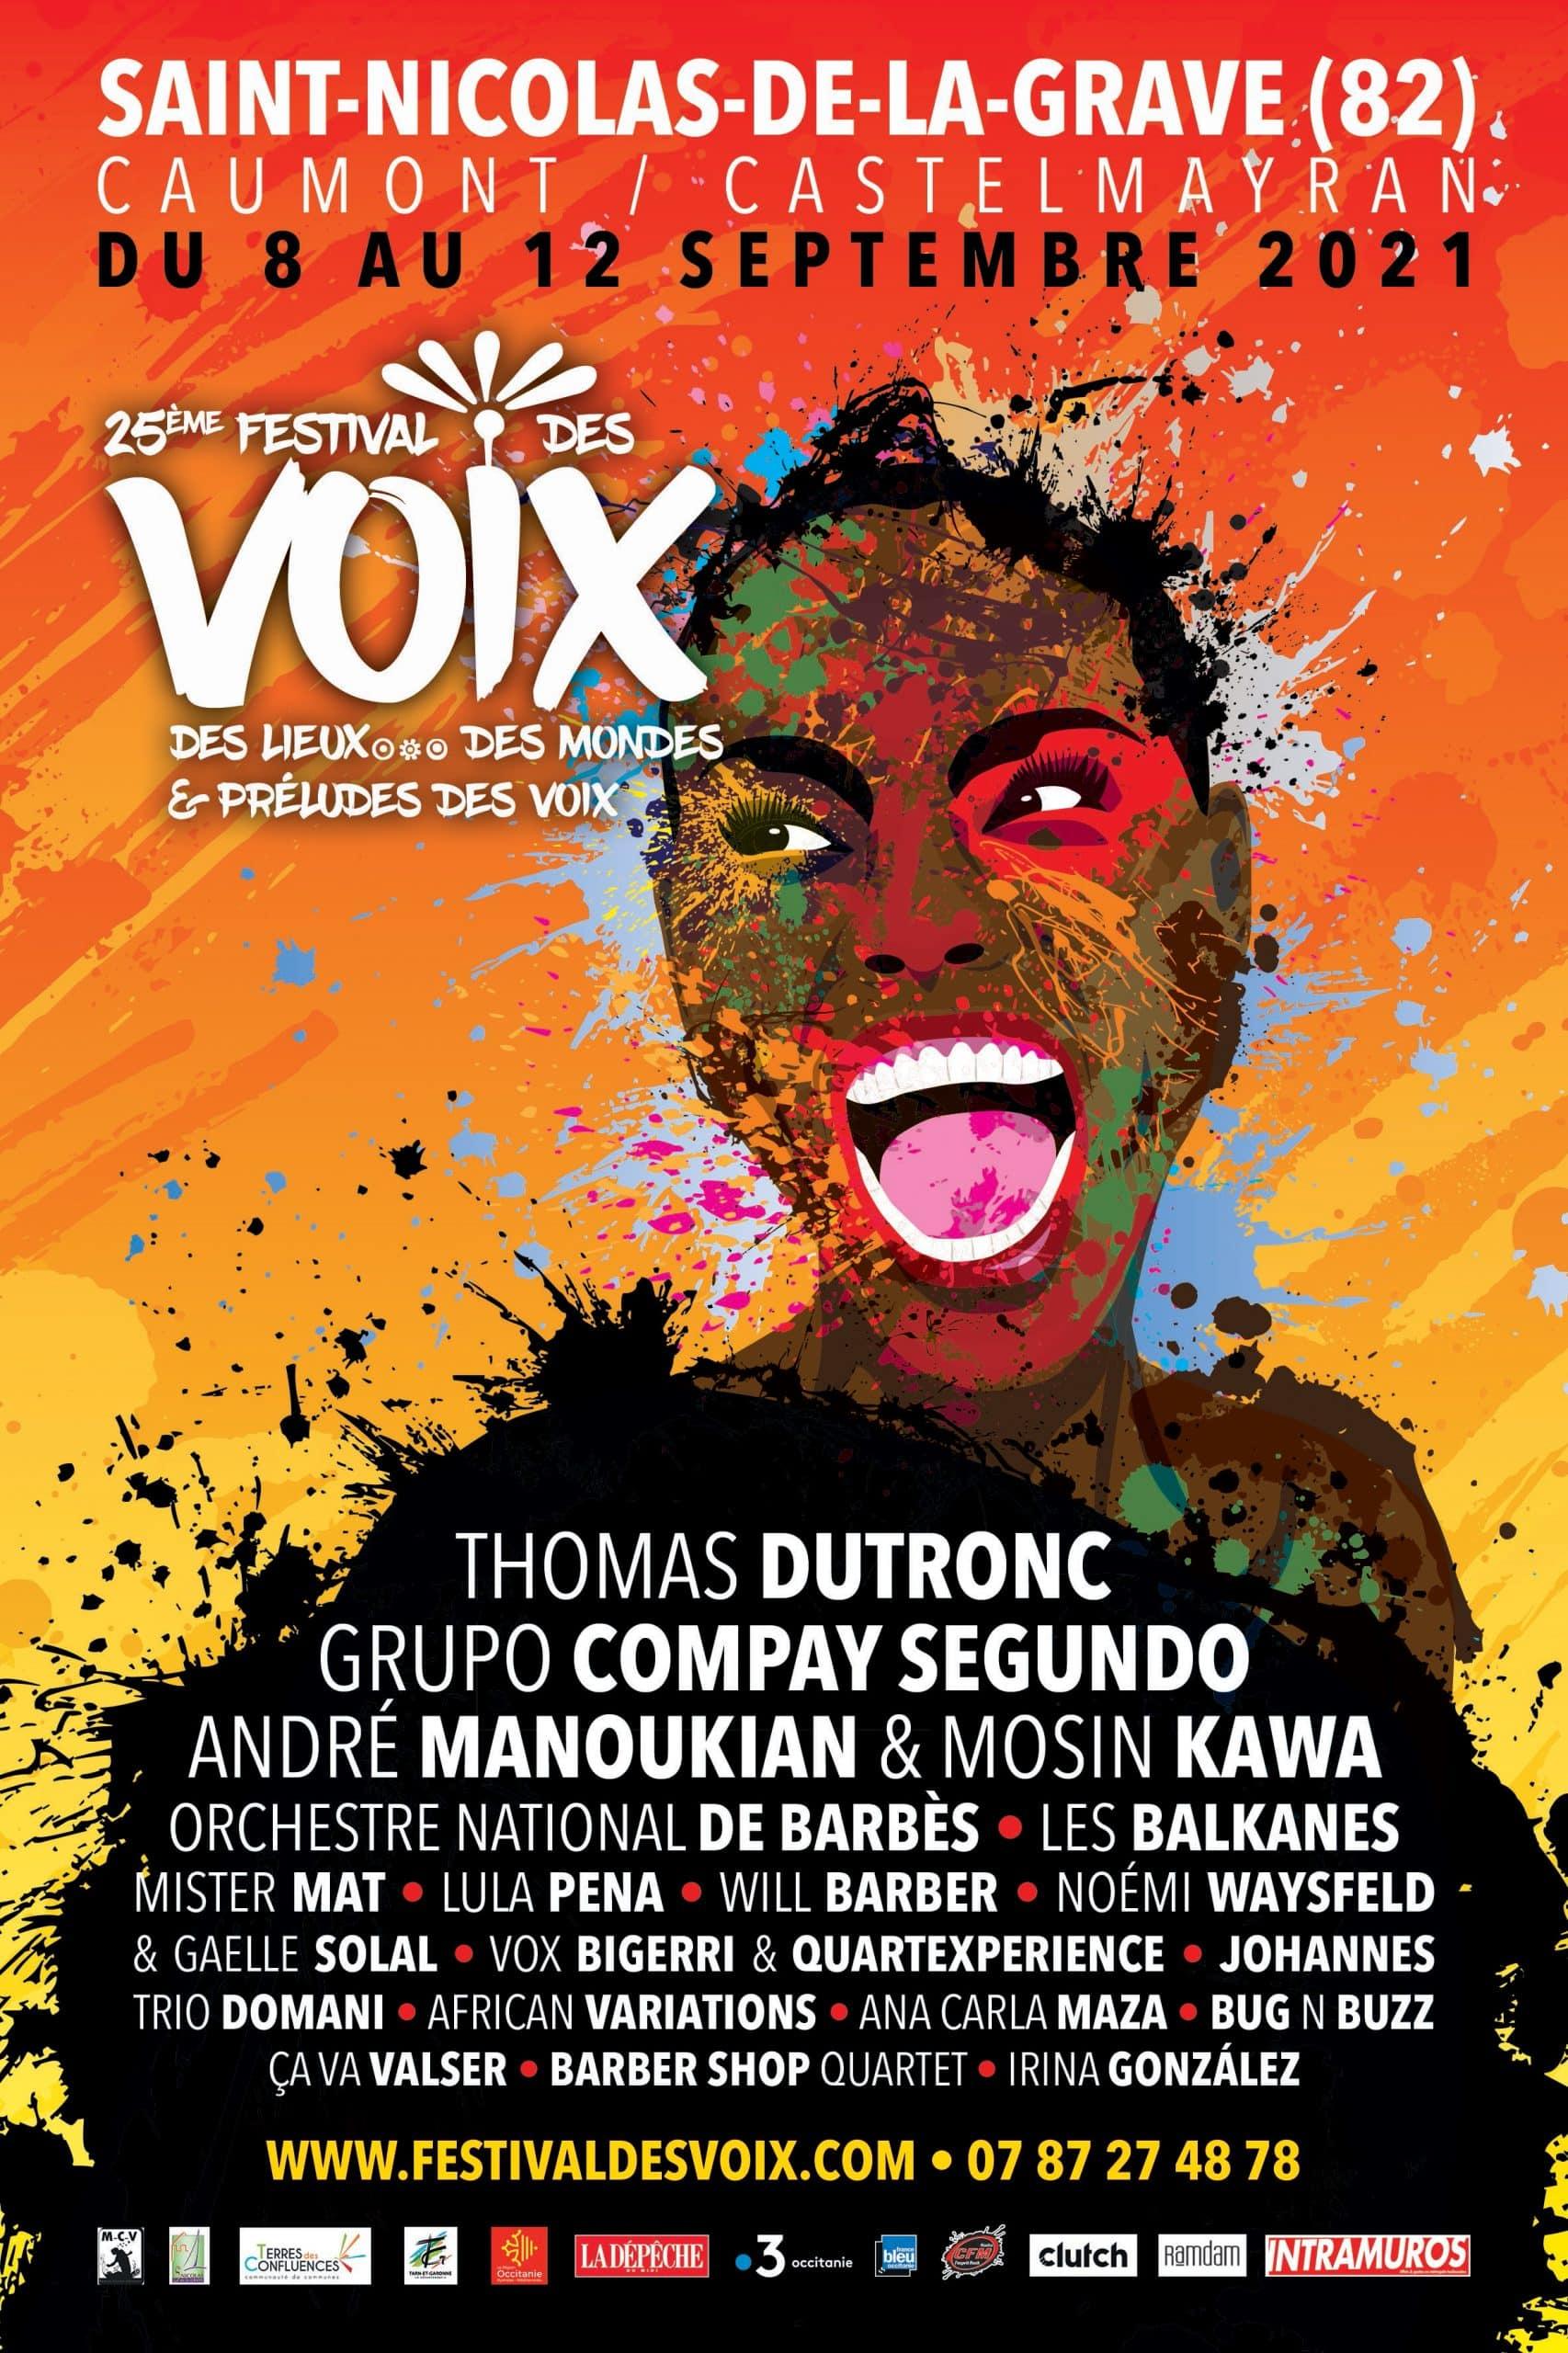 Festival des voix, des lieux, des mondes à Saint-Nicolas-de-la-Grave septembre 2021